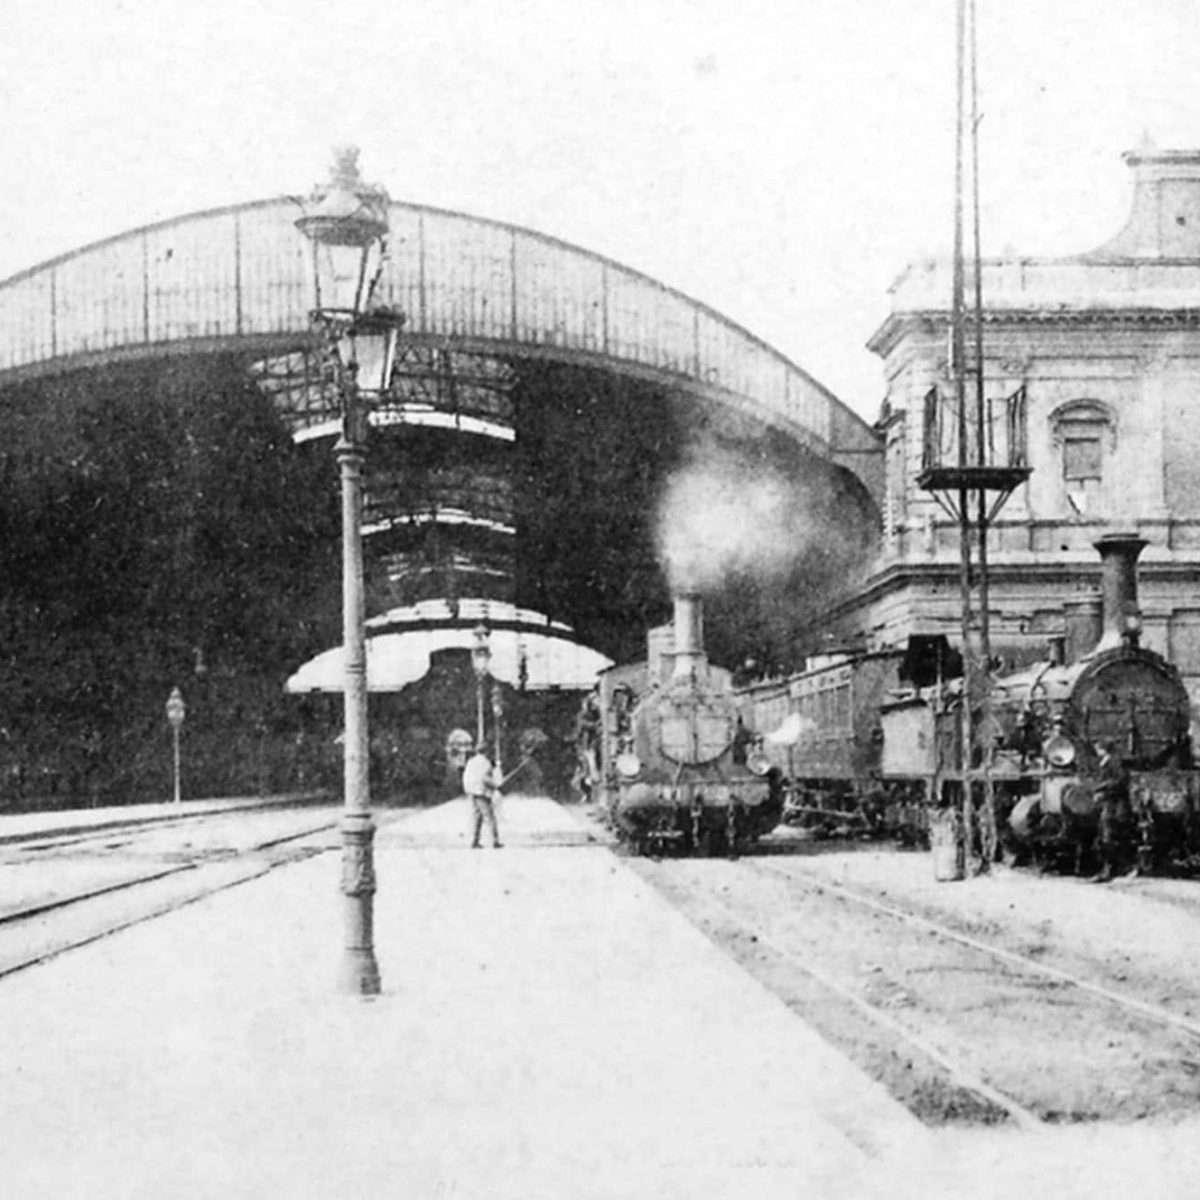 Stazione retro (1910 ca)